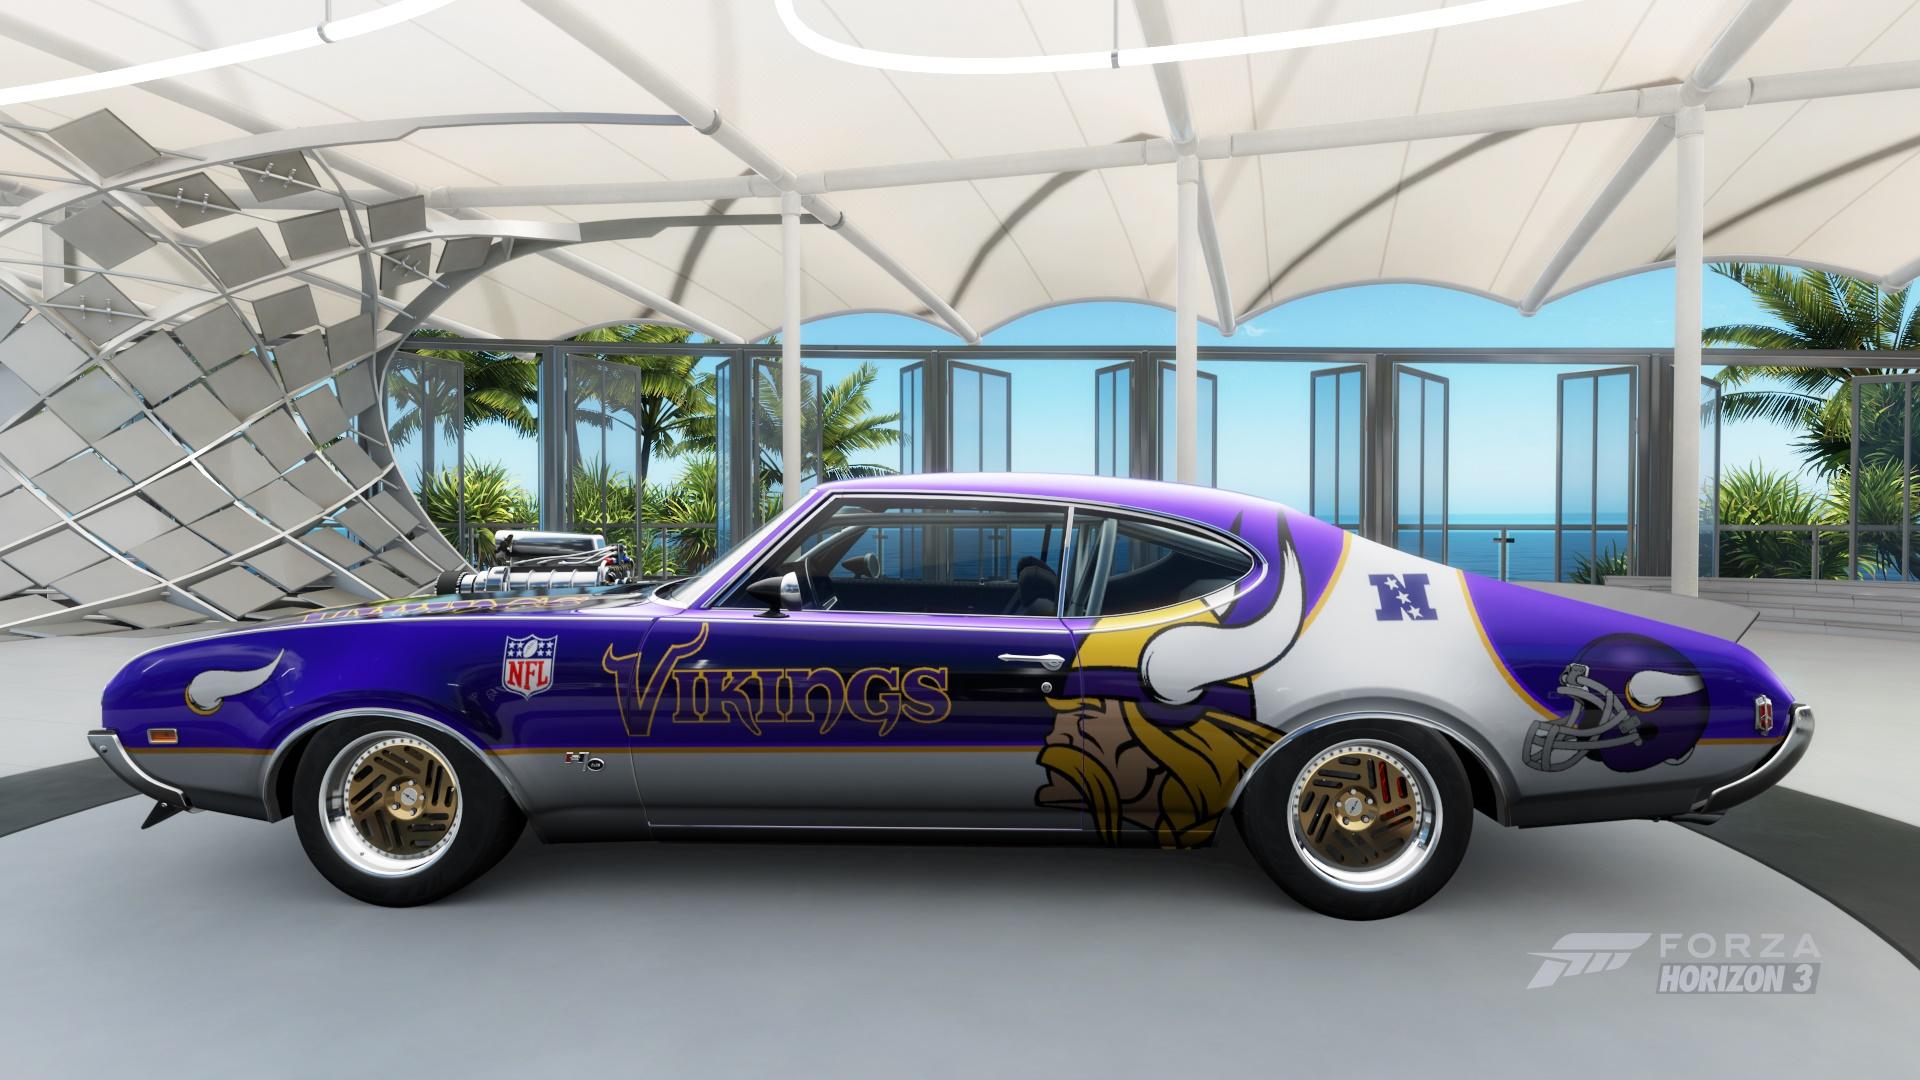 Dlk race fantasy originals ryno workx garage nfl new orleans saints livery page 9 - Garage automobile orleans ...